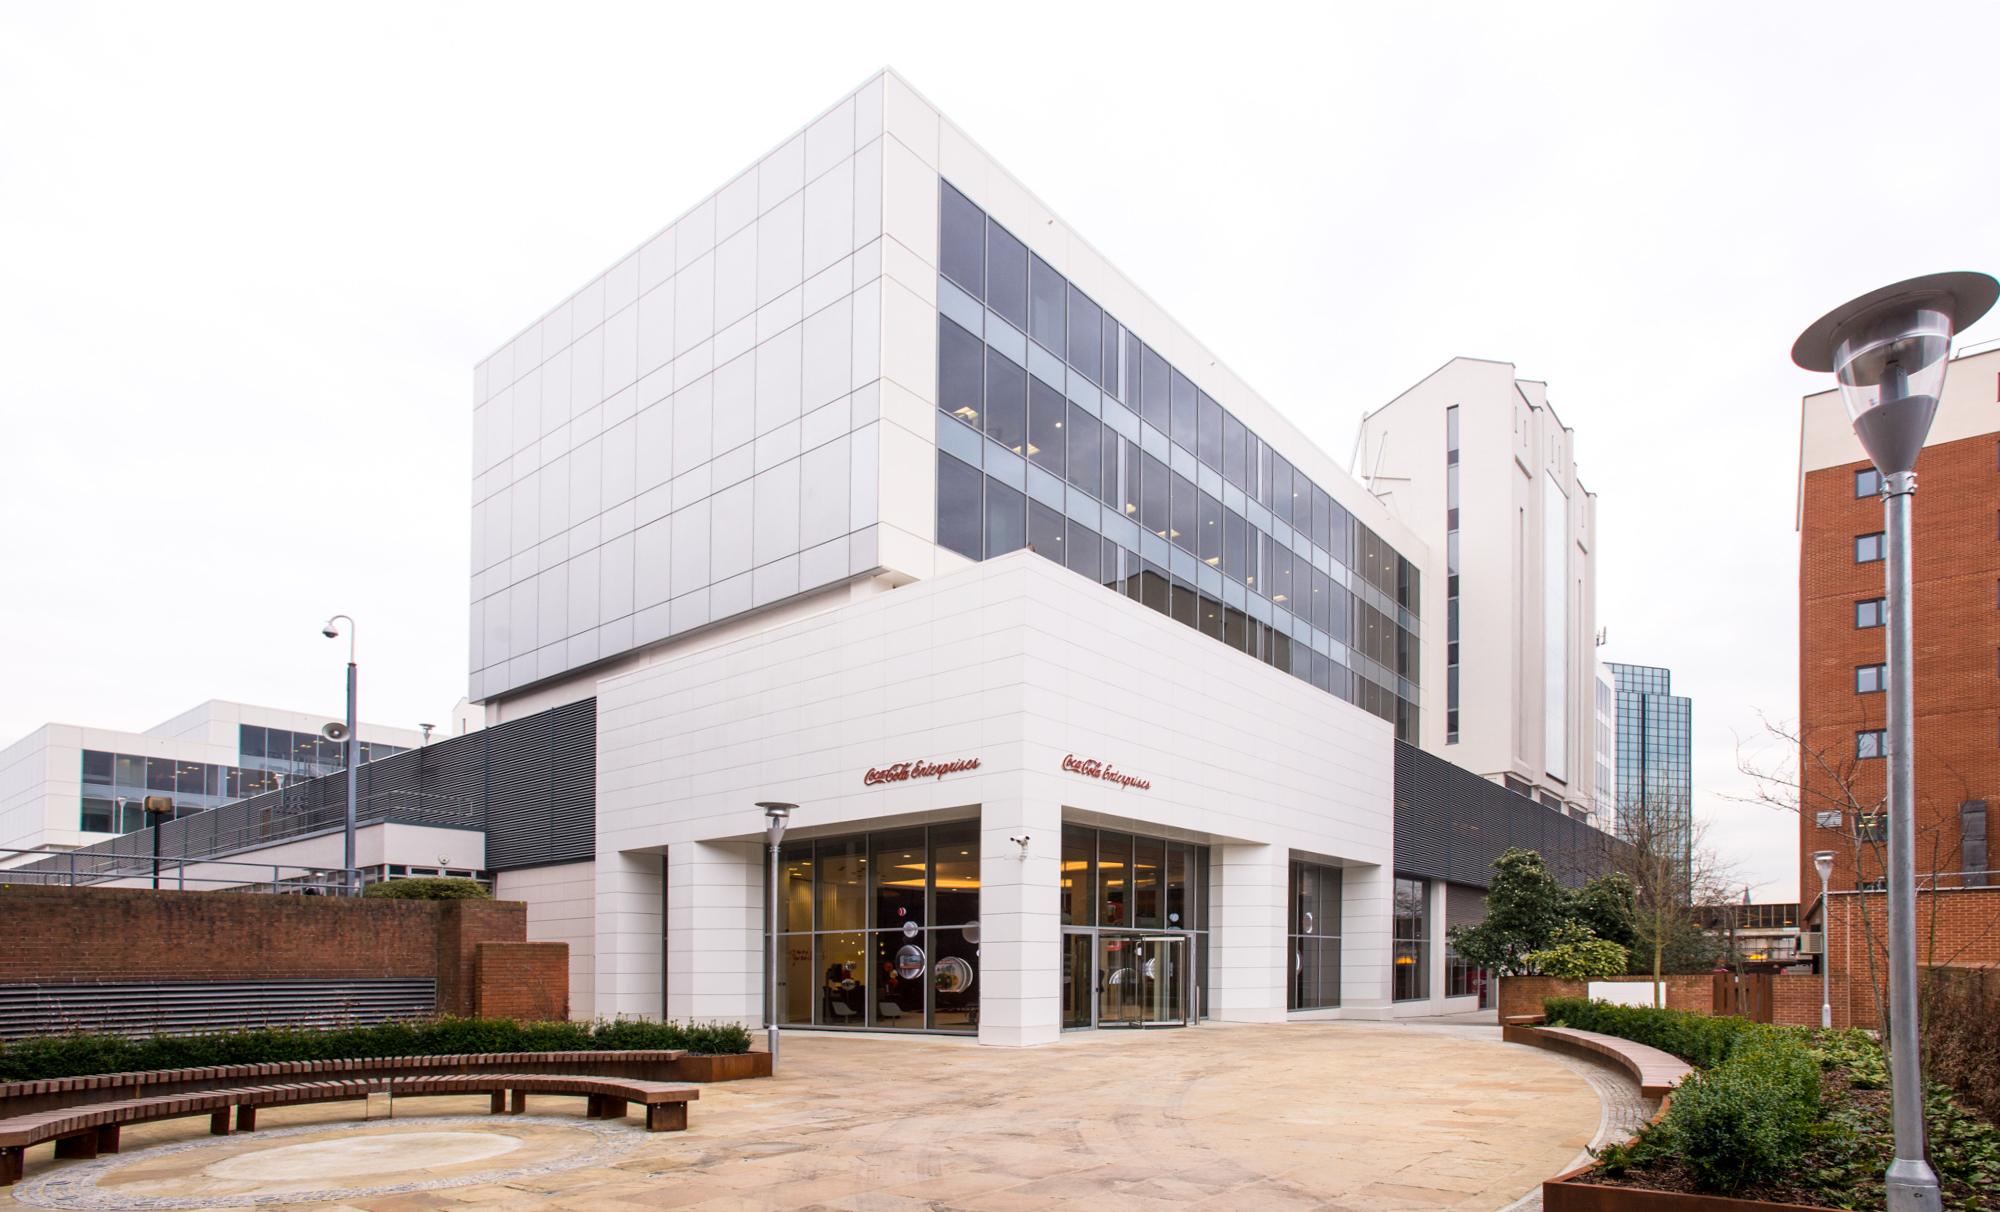 Coca Cola Enterprises UK and european headquaters in Uxbridge.